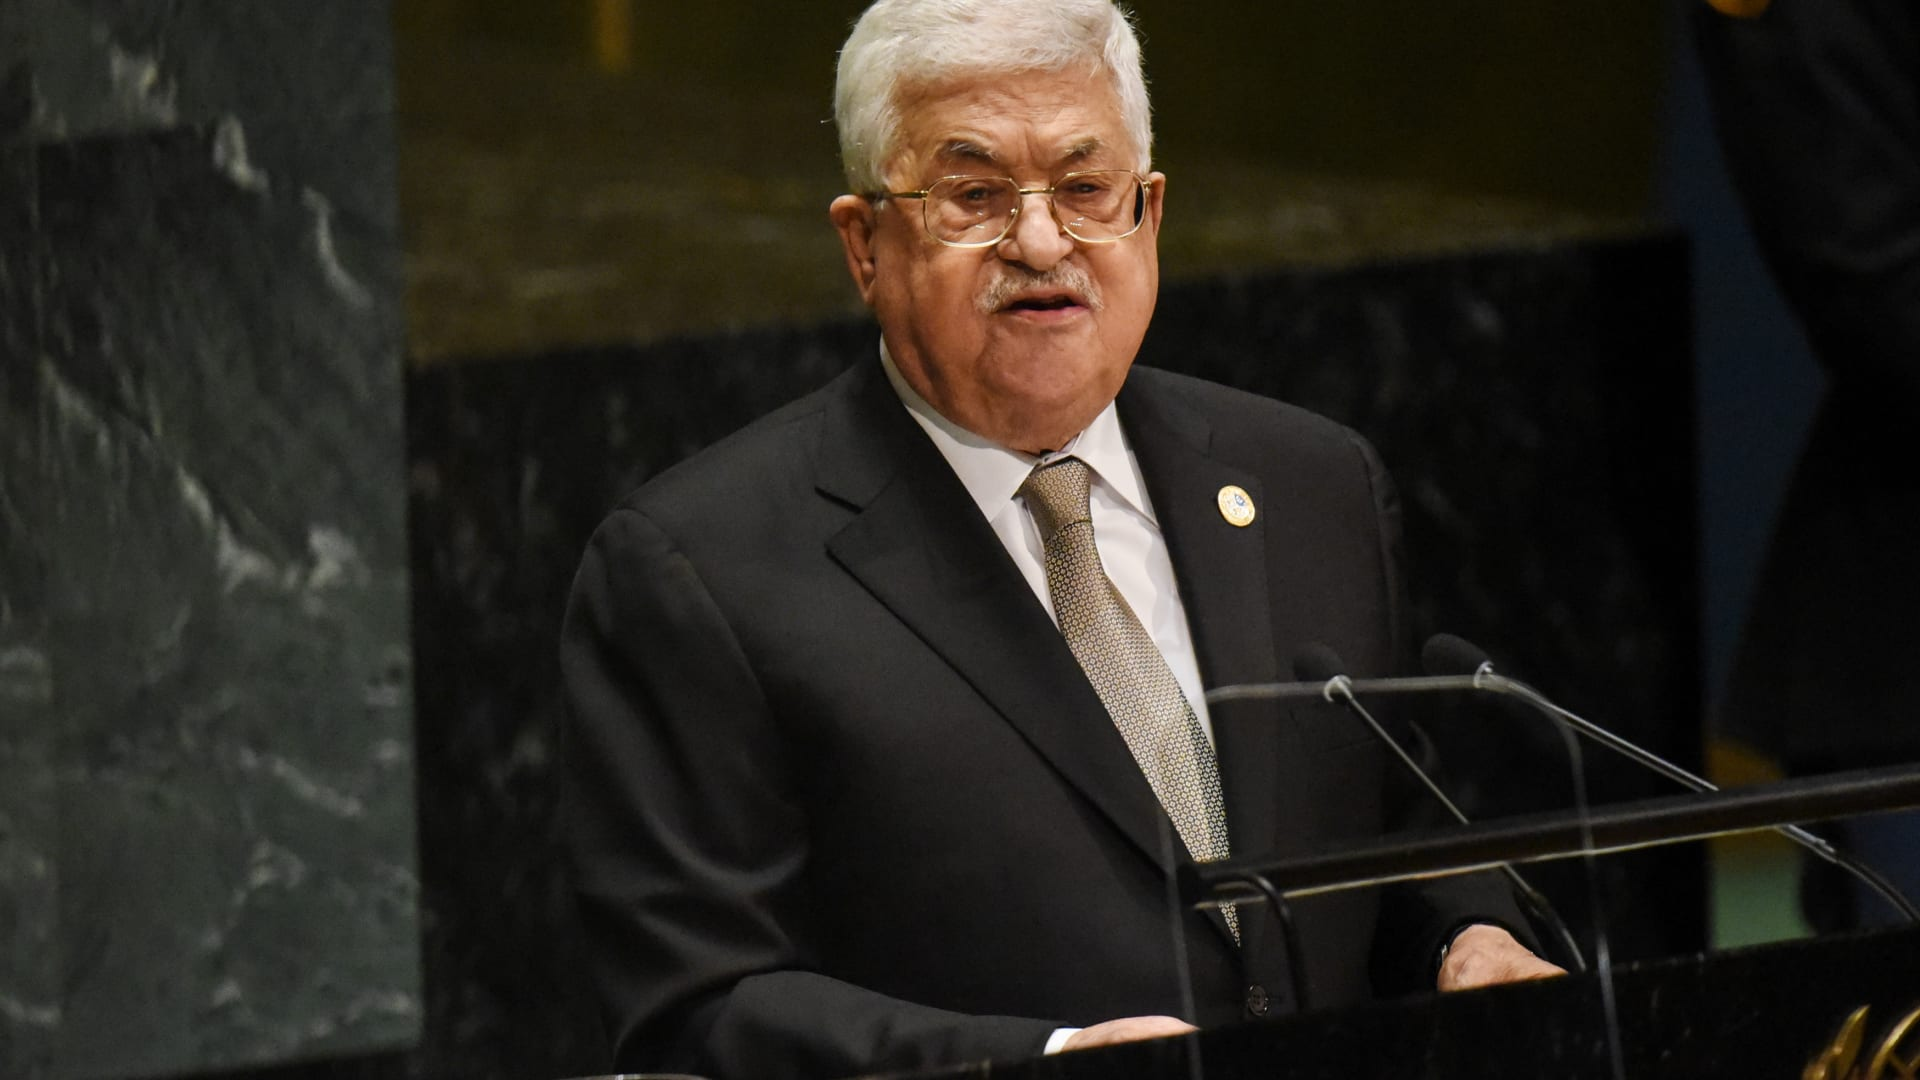 محمود عباس يستقبل رئيس الكونغرس اليهودي العالمي في رام الله